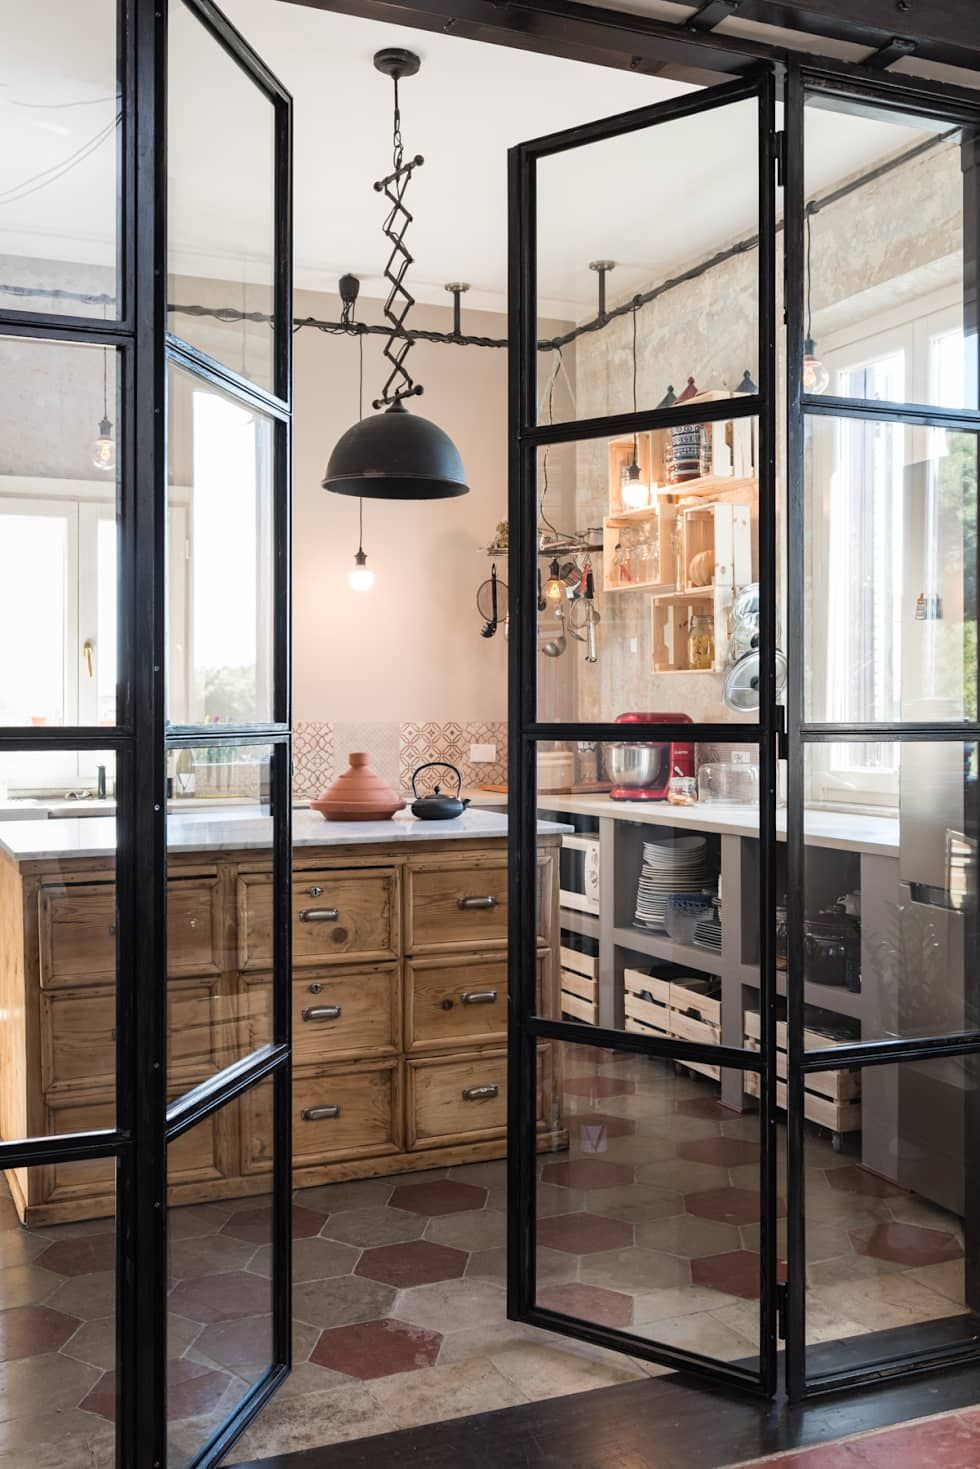 Scl flat cucina in stile di caterina raddi nel 2019 for Design d interni